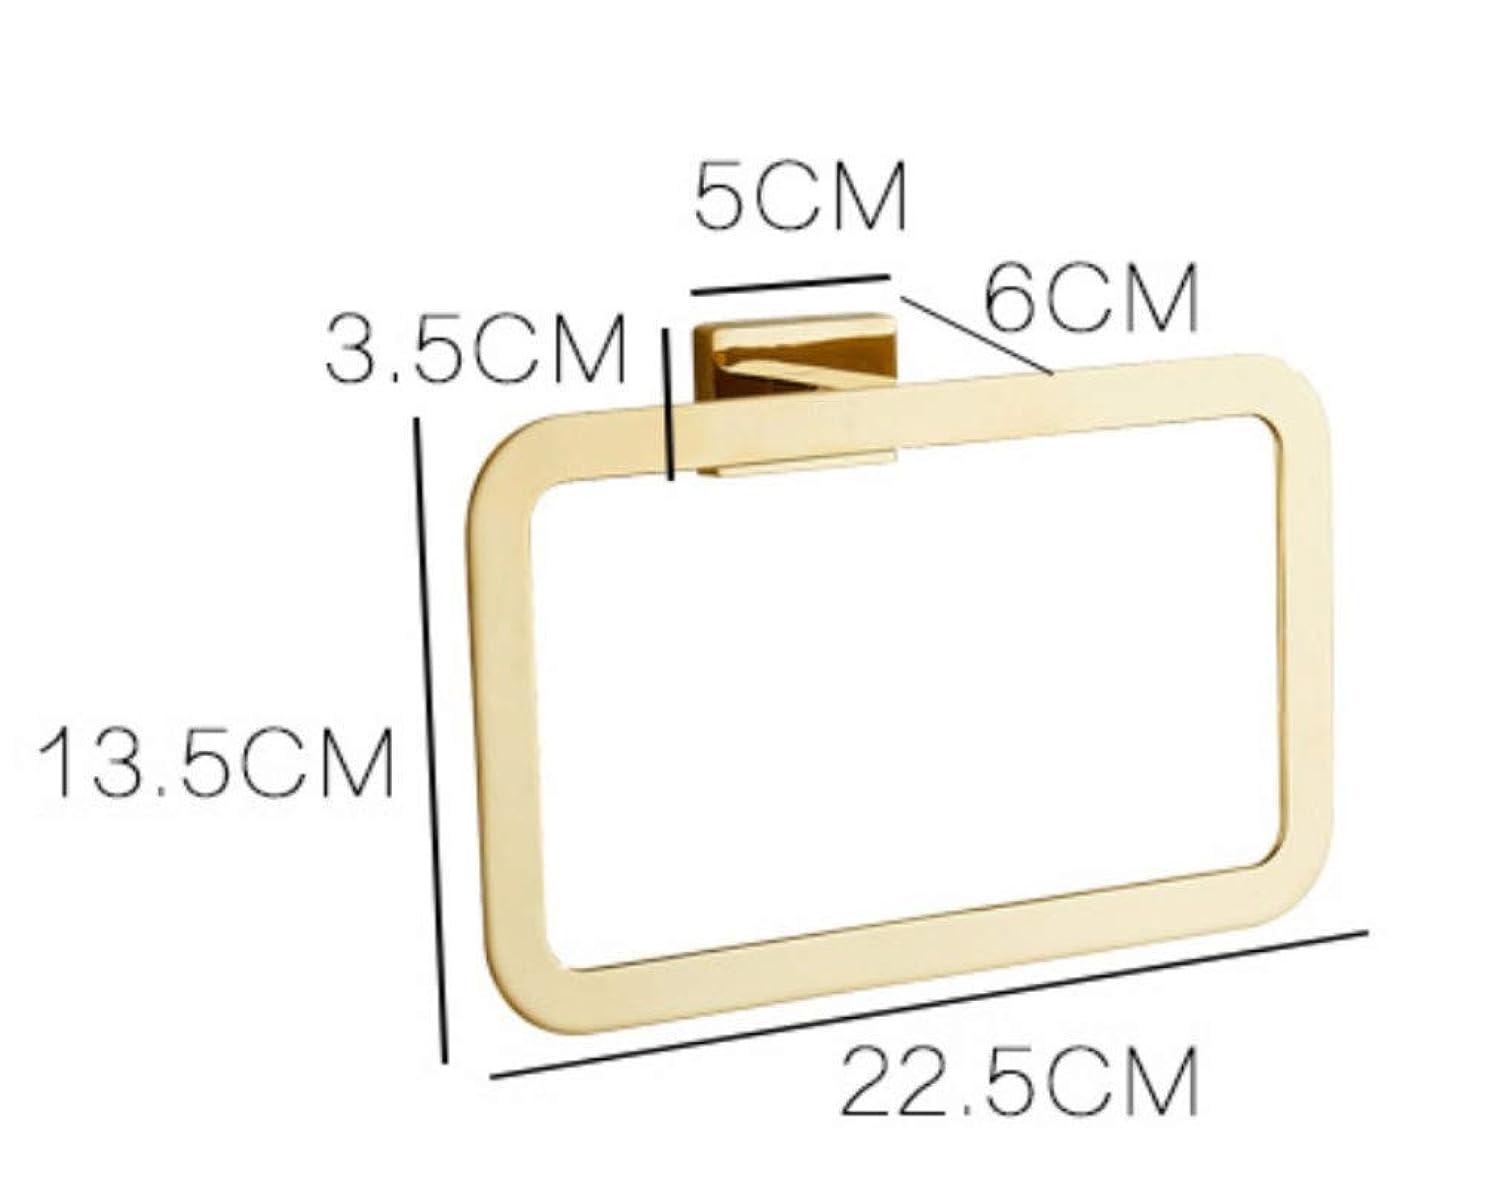 腹合併症策定するShelves Bathroom Towel Ring Zinc Alloy Sheet Metal Towel Hanging Ring Bathroom Hardware Pendant